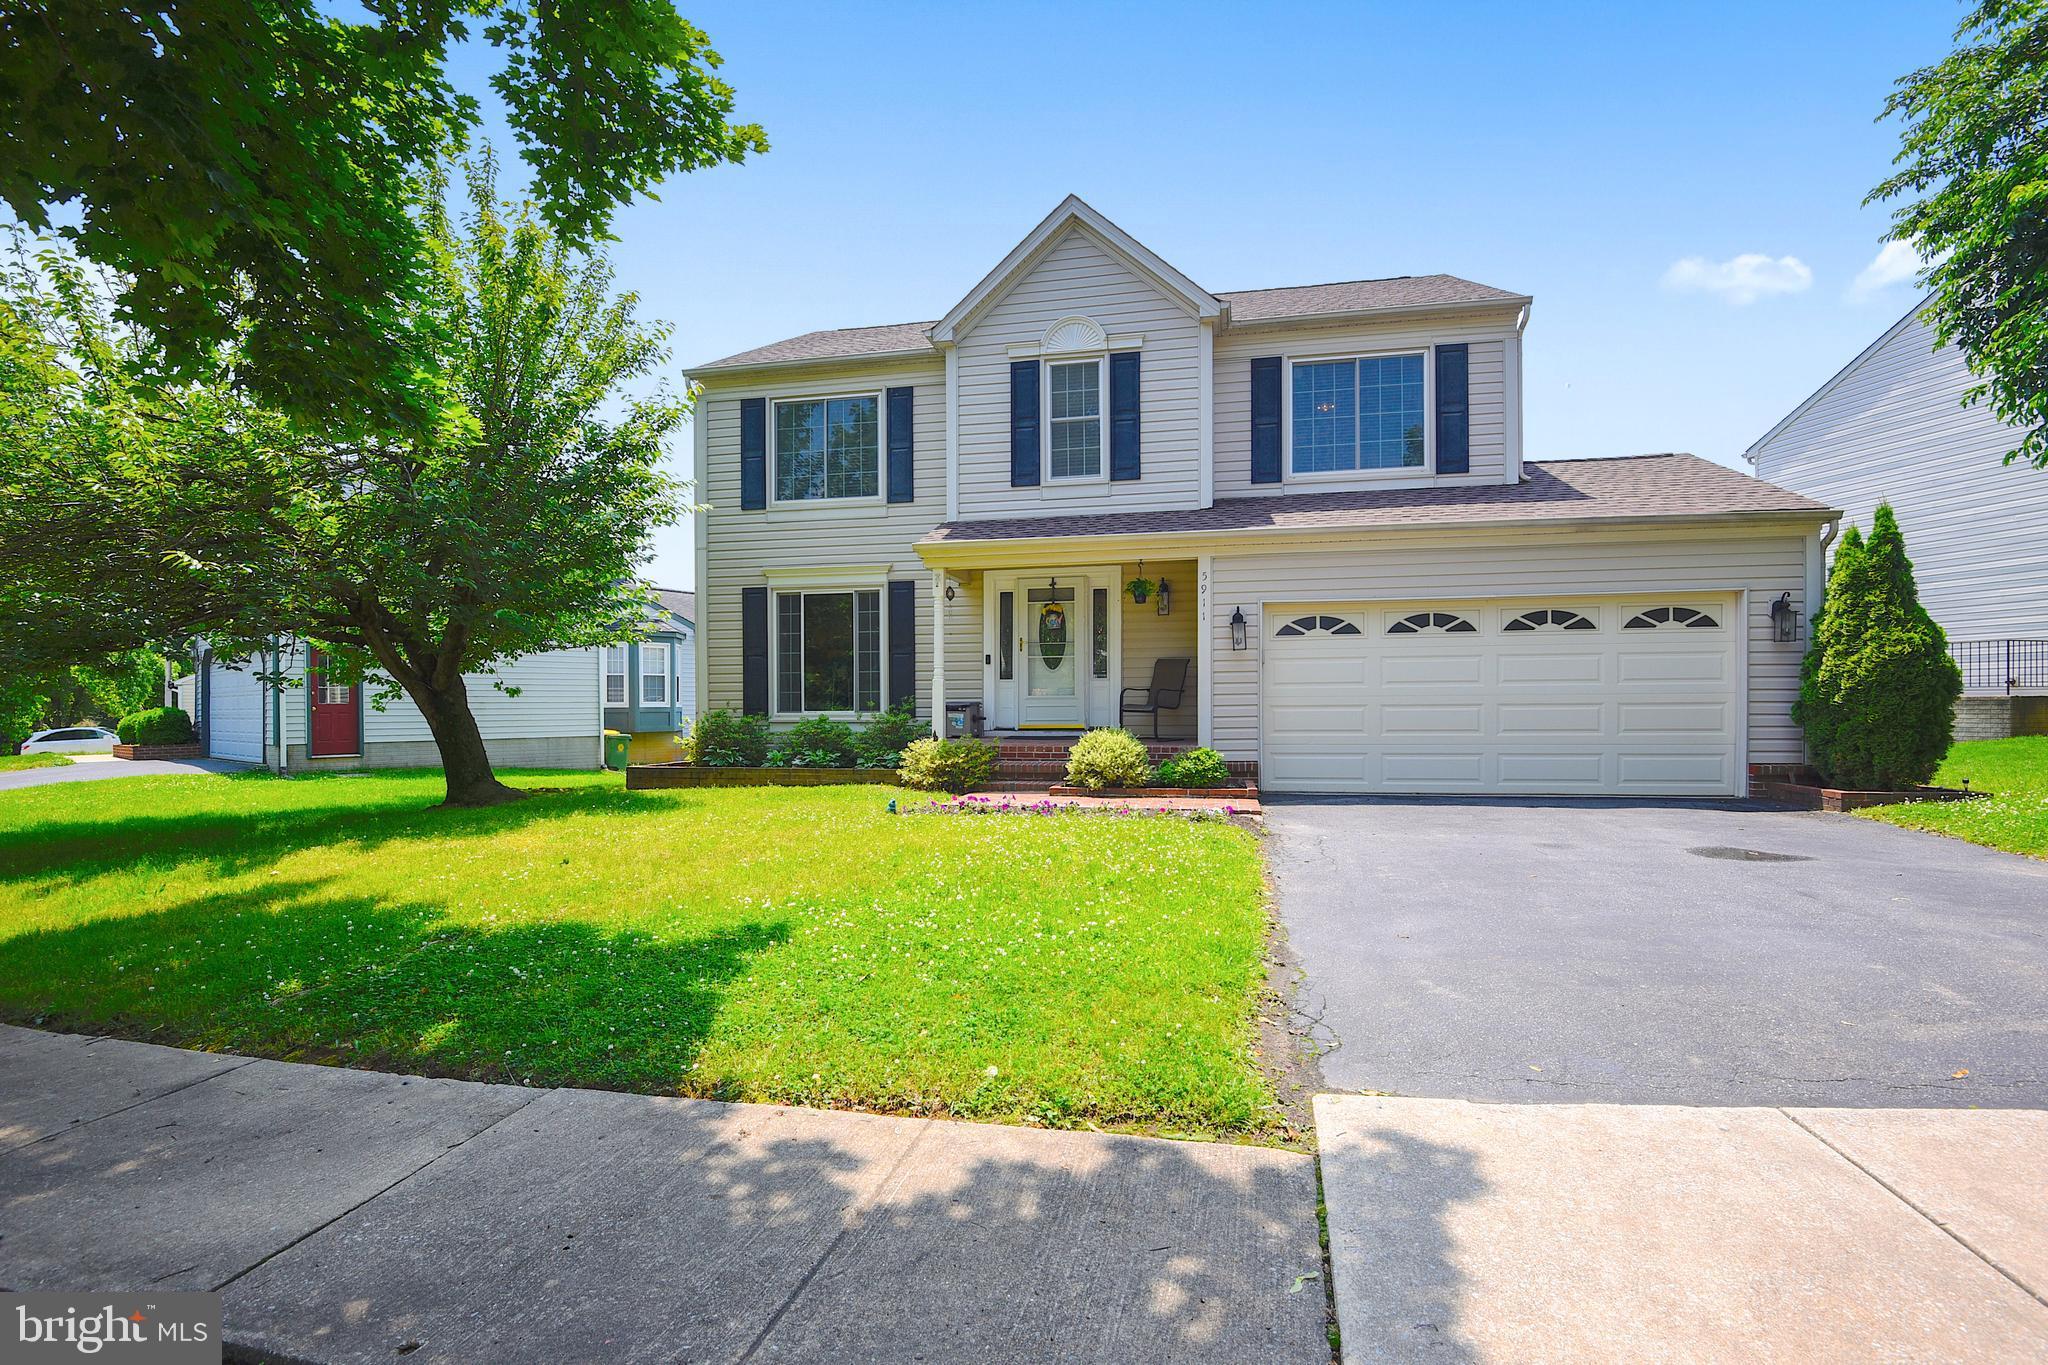 5911 MANOR HOUSE LANE, BALTIMORE, MD 21225